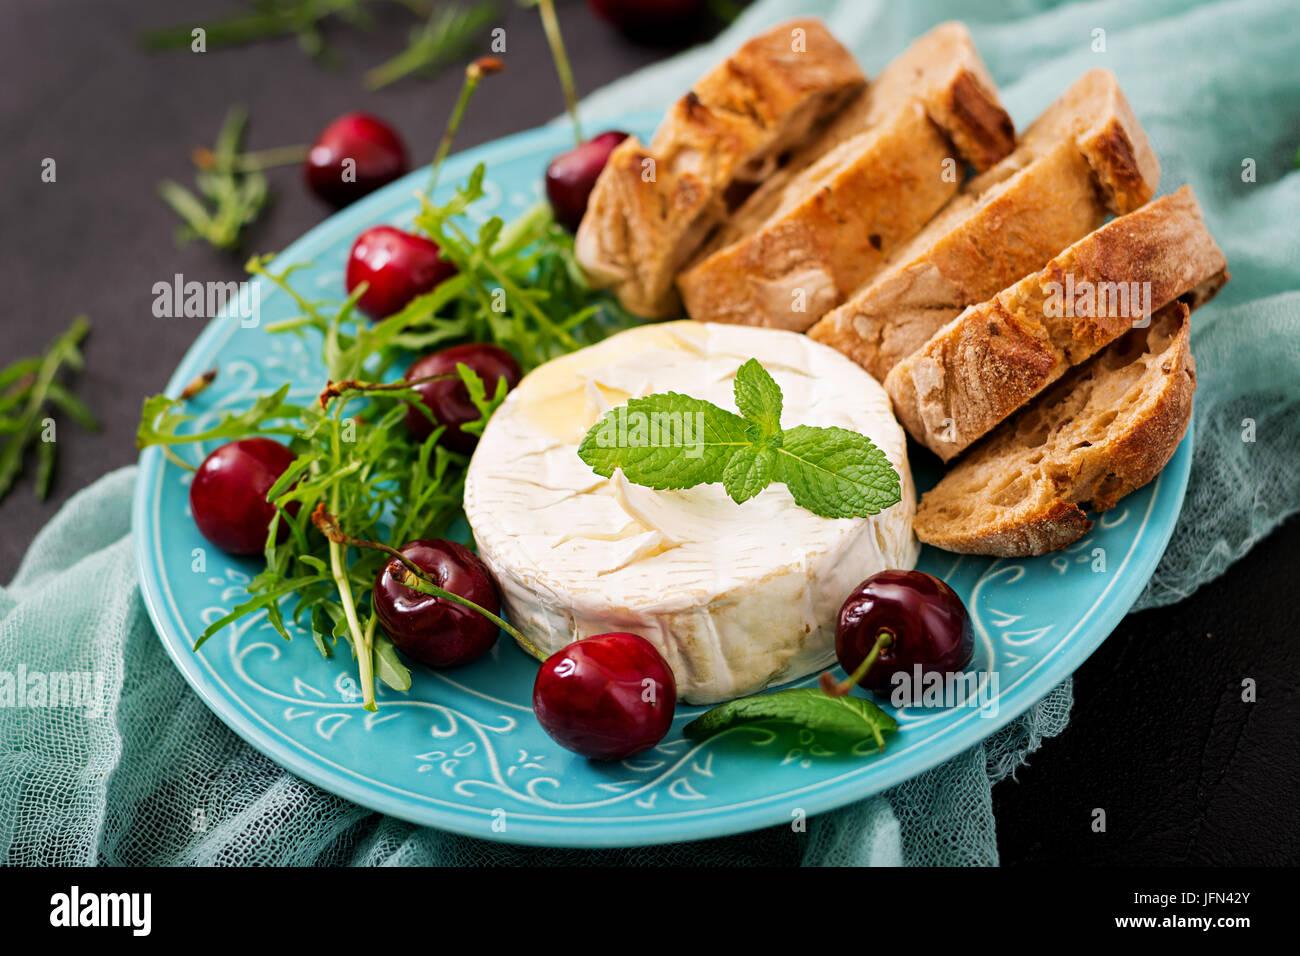 Gebackener Camembert Käse, Toast und Rucola-Salat mit süßen Kirschen. Stockbild